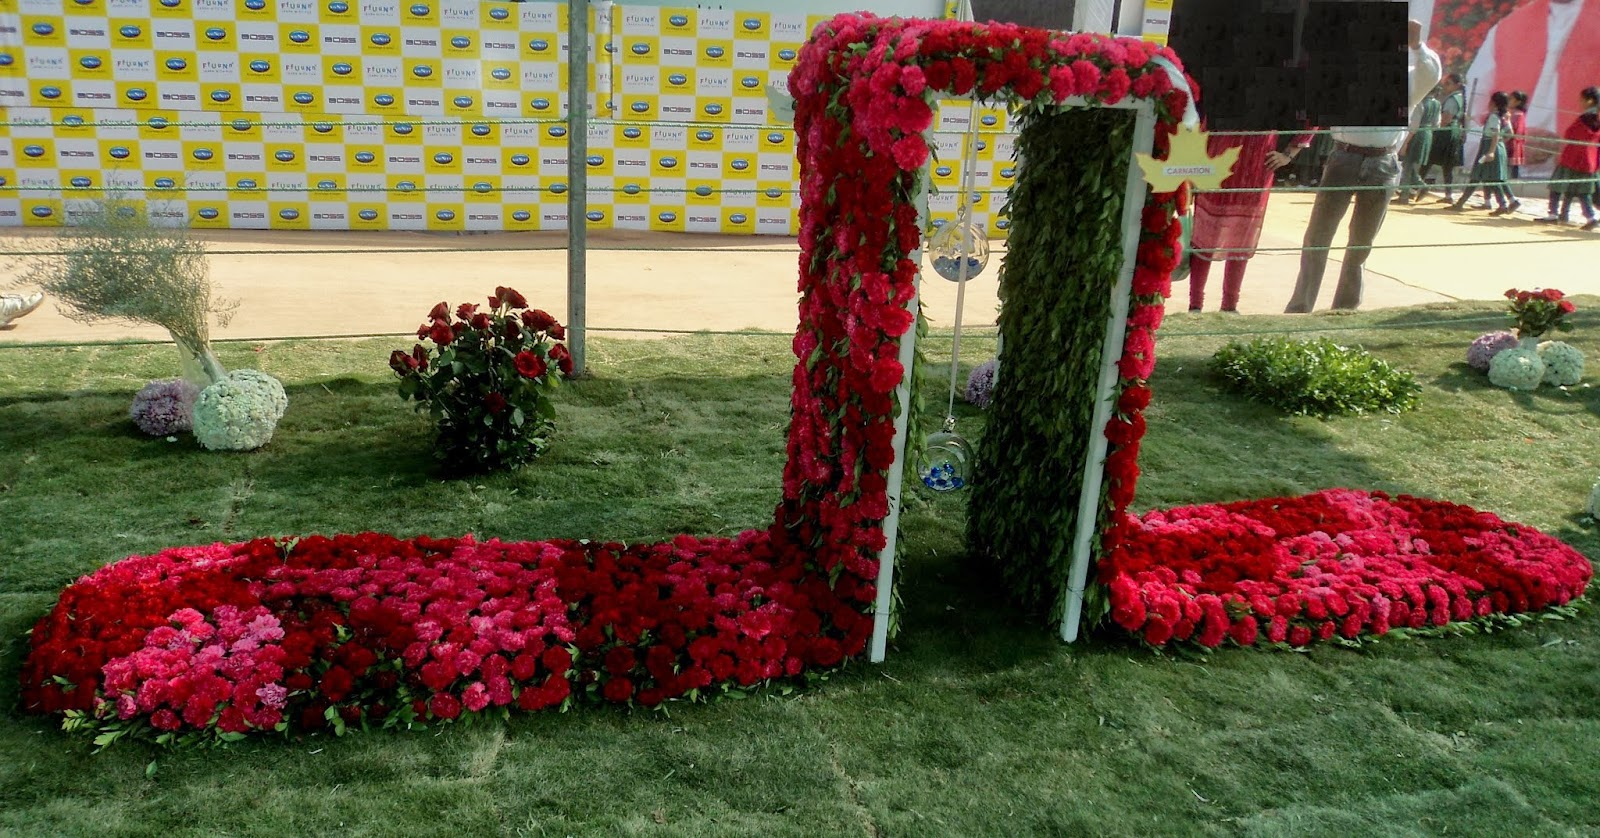 carnation flower sculpture